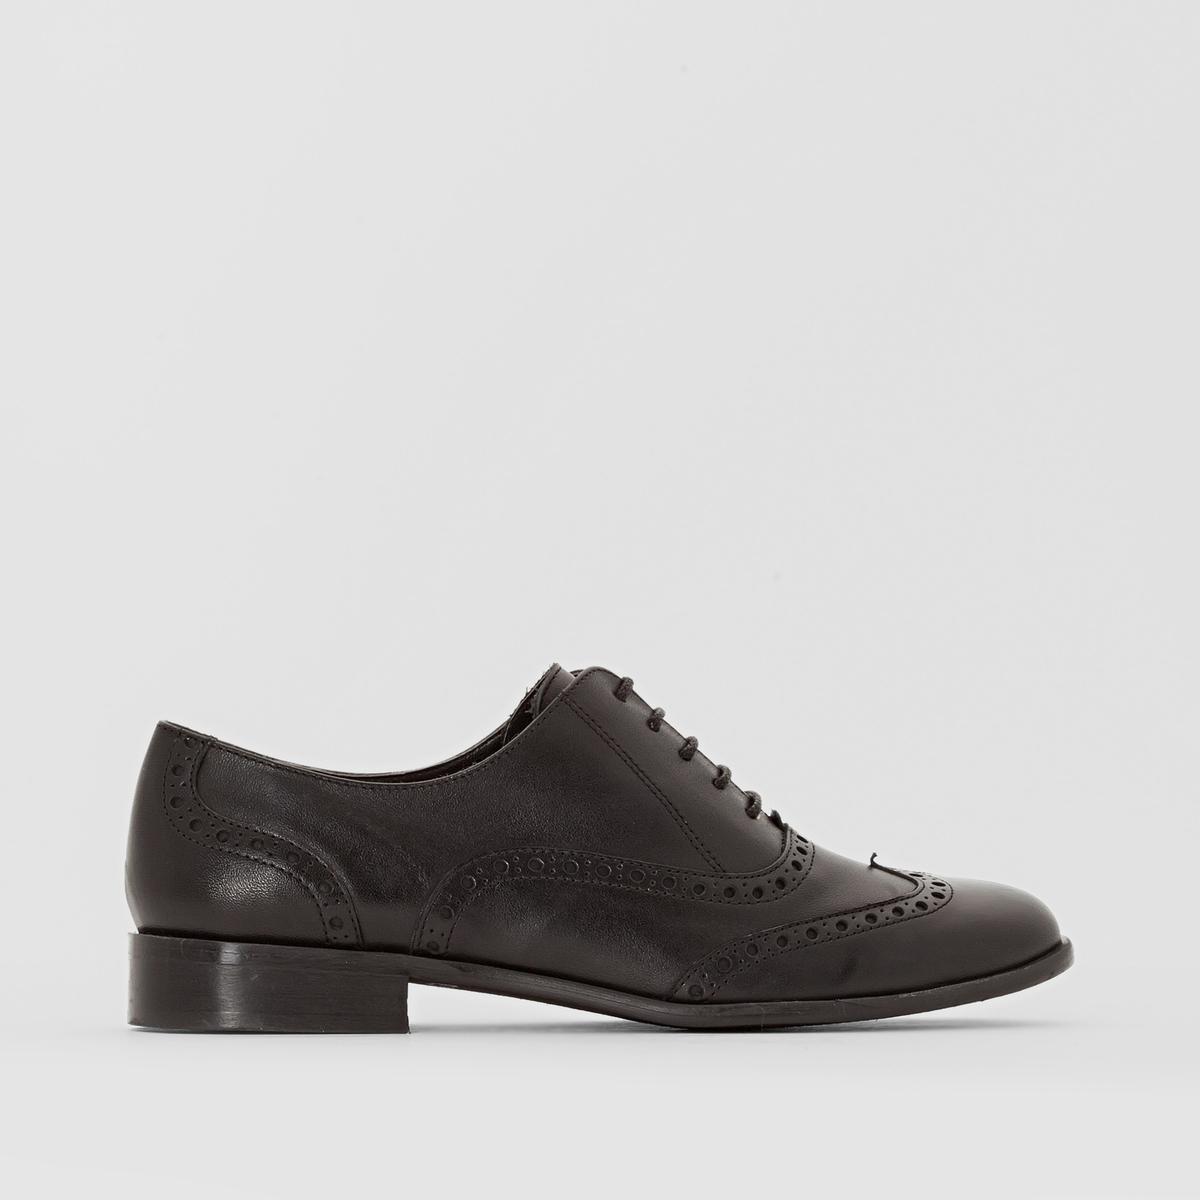 Ботинки-дерби кожаные на широкую ногу, размеры 38-45